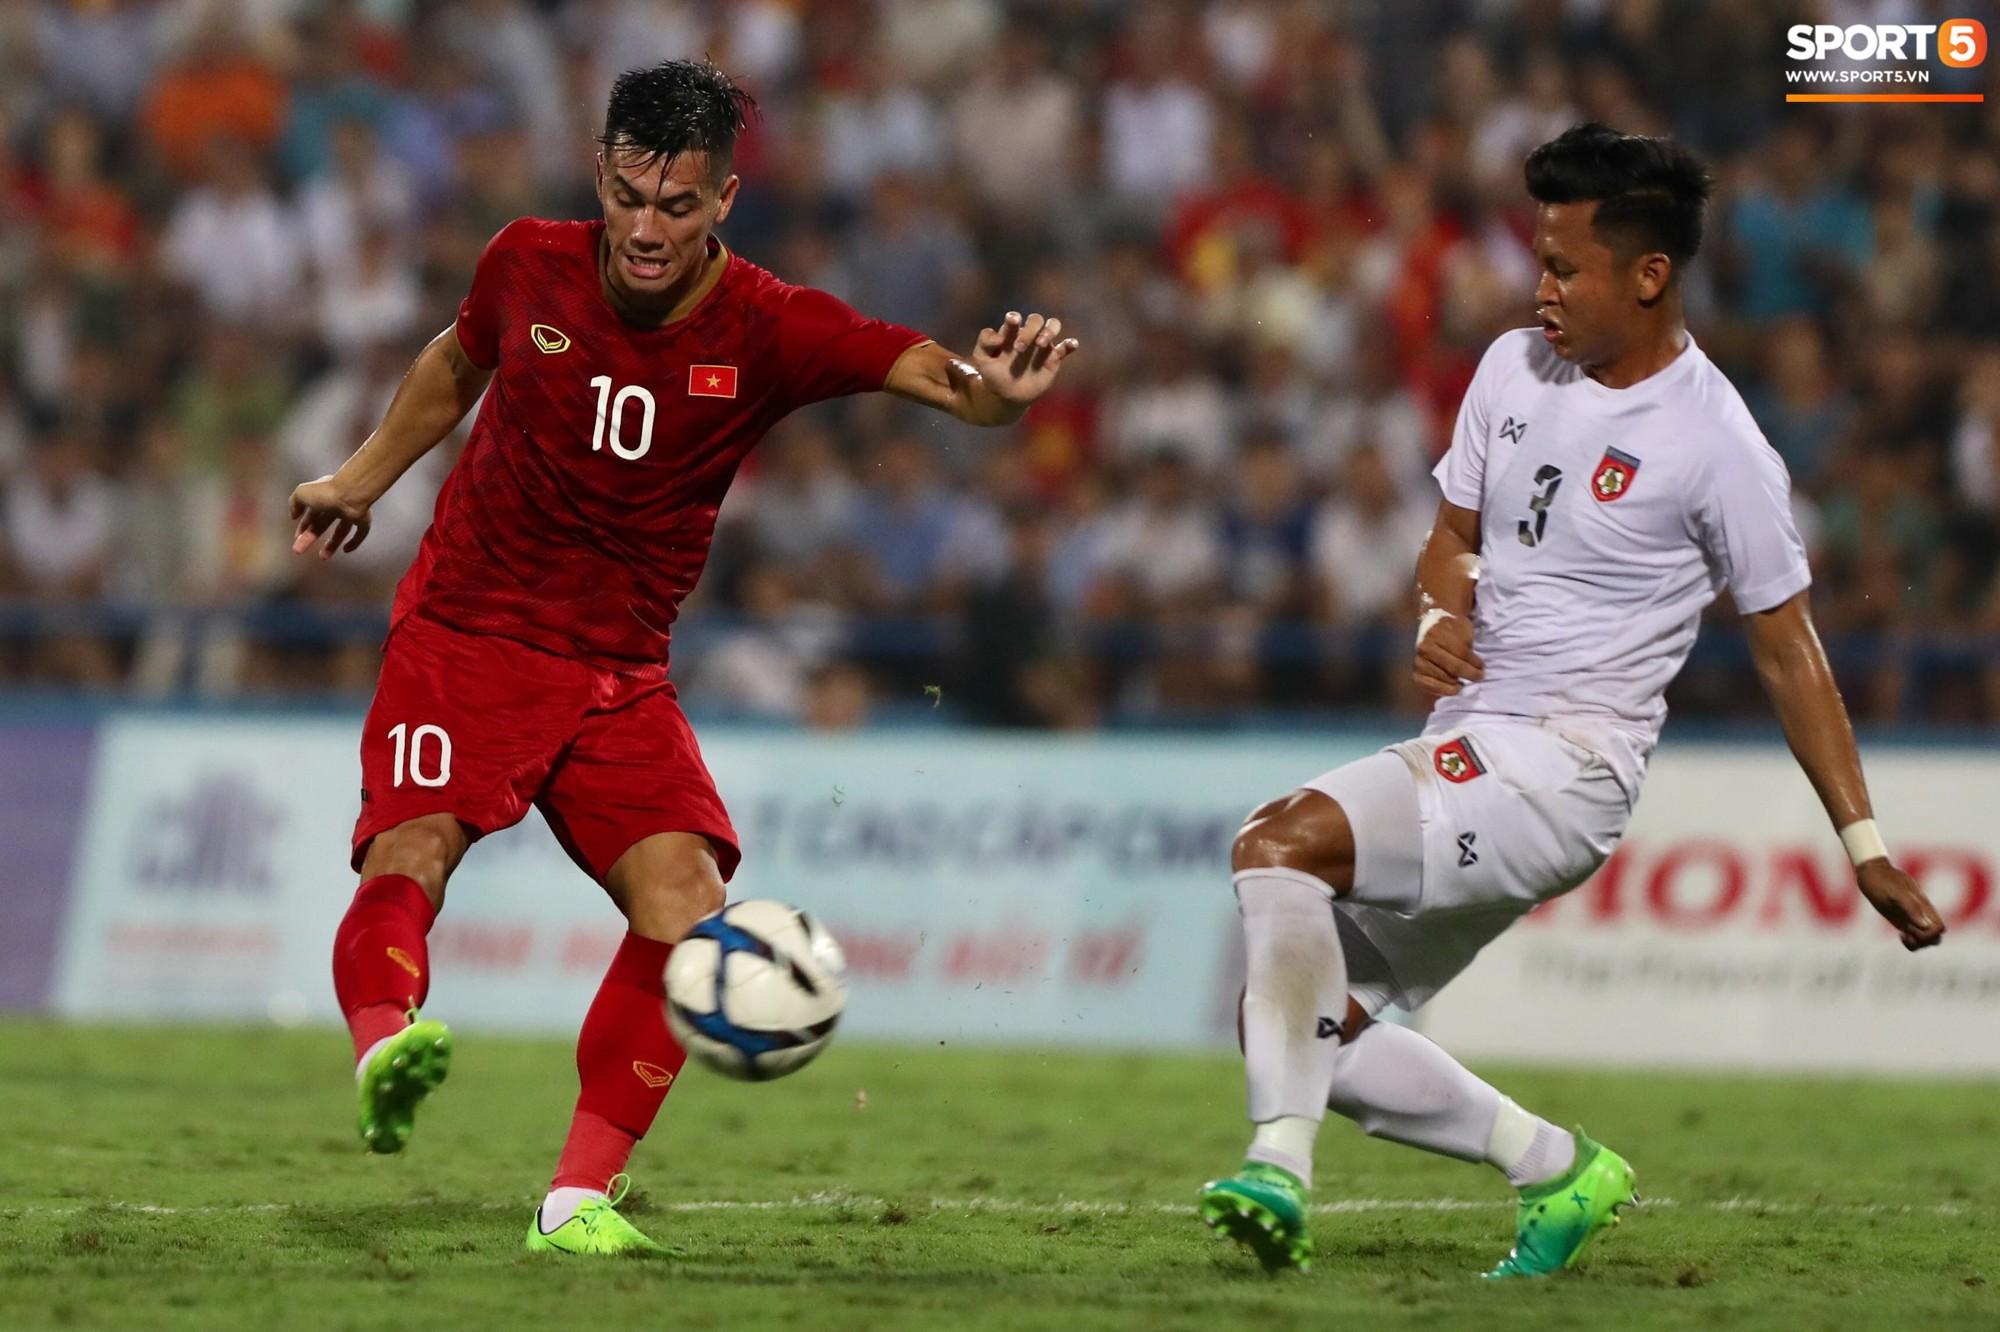 Hình ảnh cảm động: U23 Việt Nam đội mưa đi khắp khán đài cảm ơn người hâm mộ sau trận thắng U23 Myanmar-1